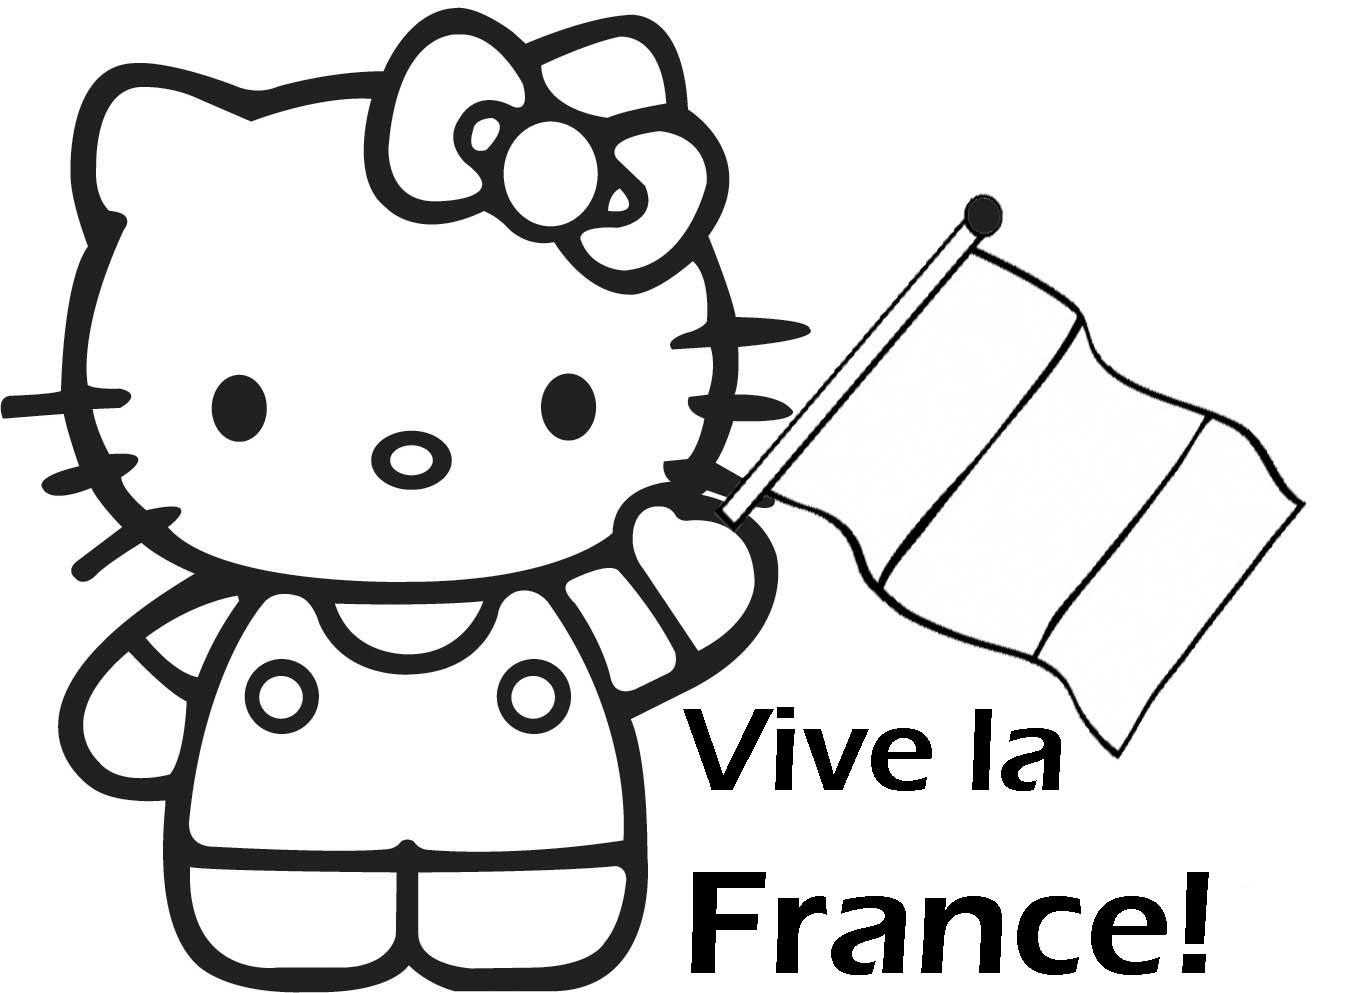 Coloriage hello kitty gratuit - dessin a imprimer #140